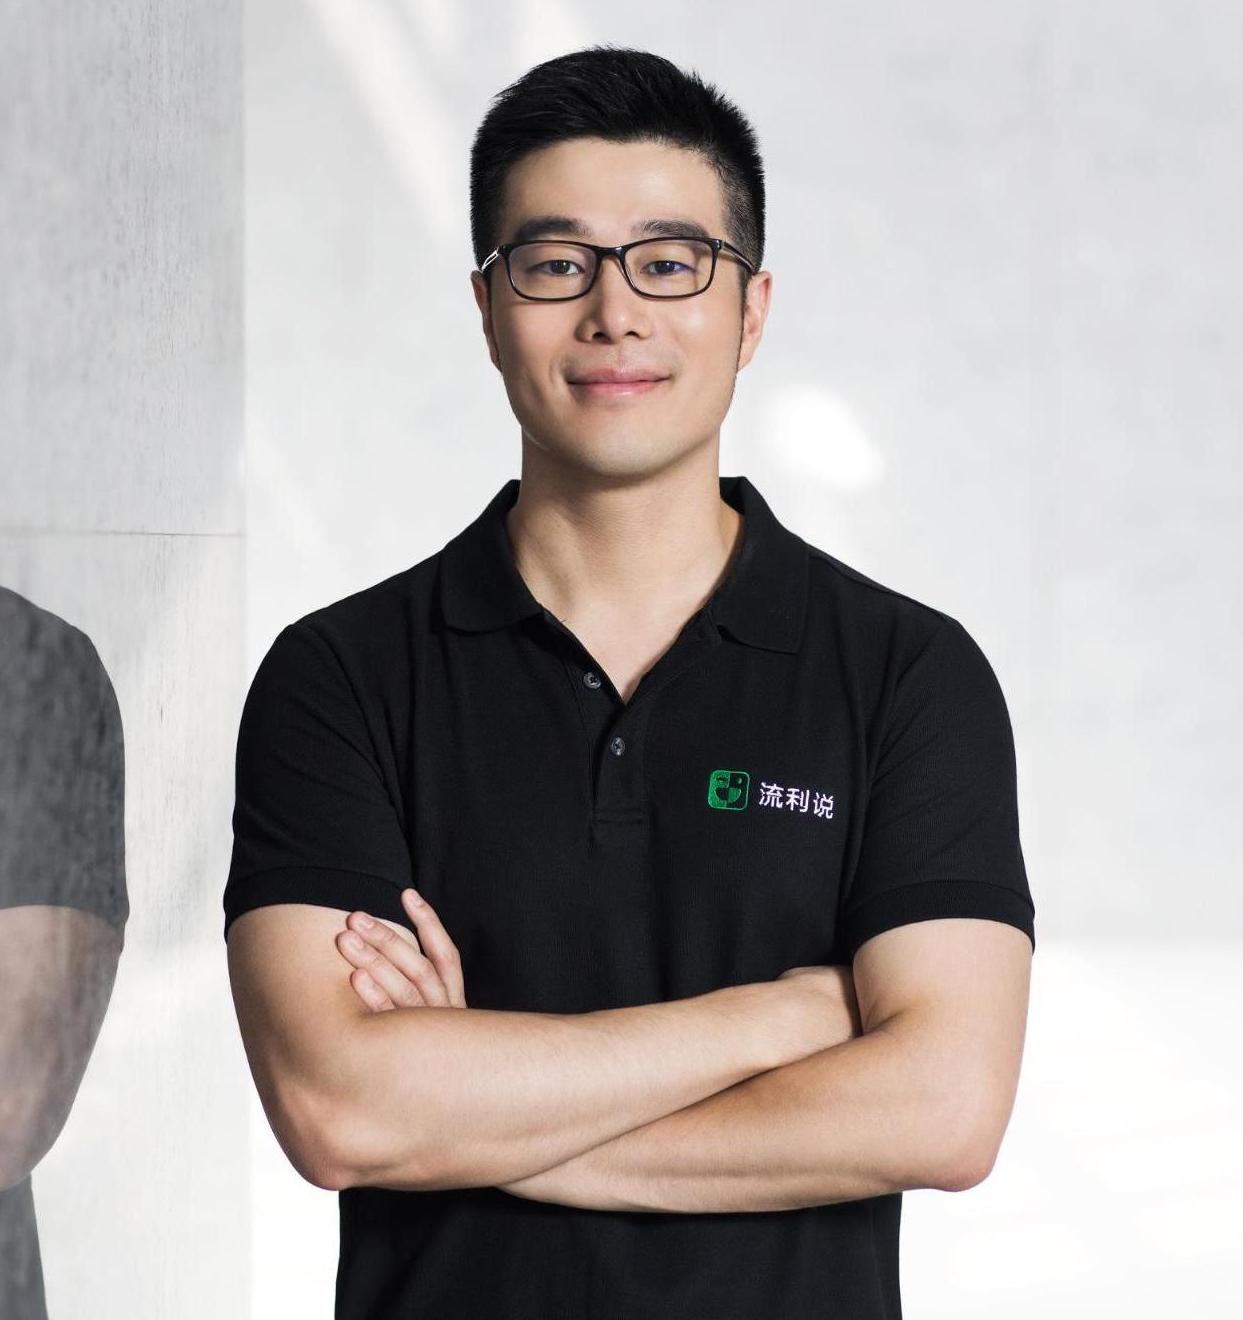 Hu, Zheren  - Co-founder of Liulishuo